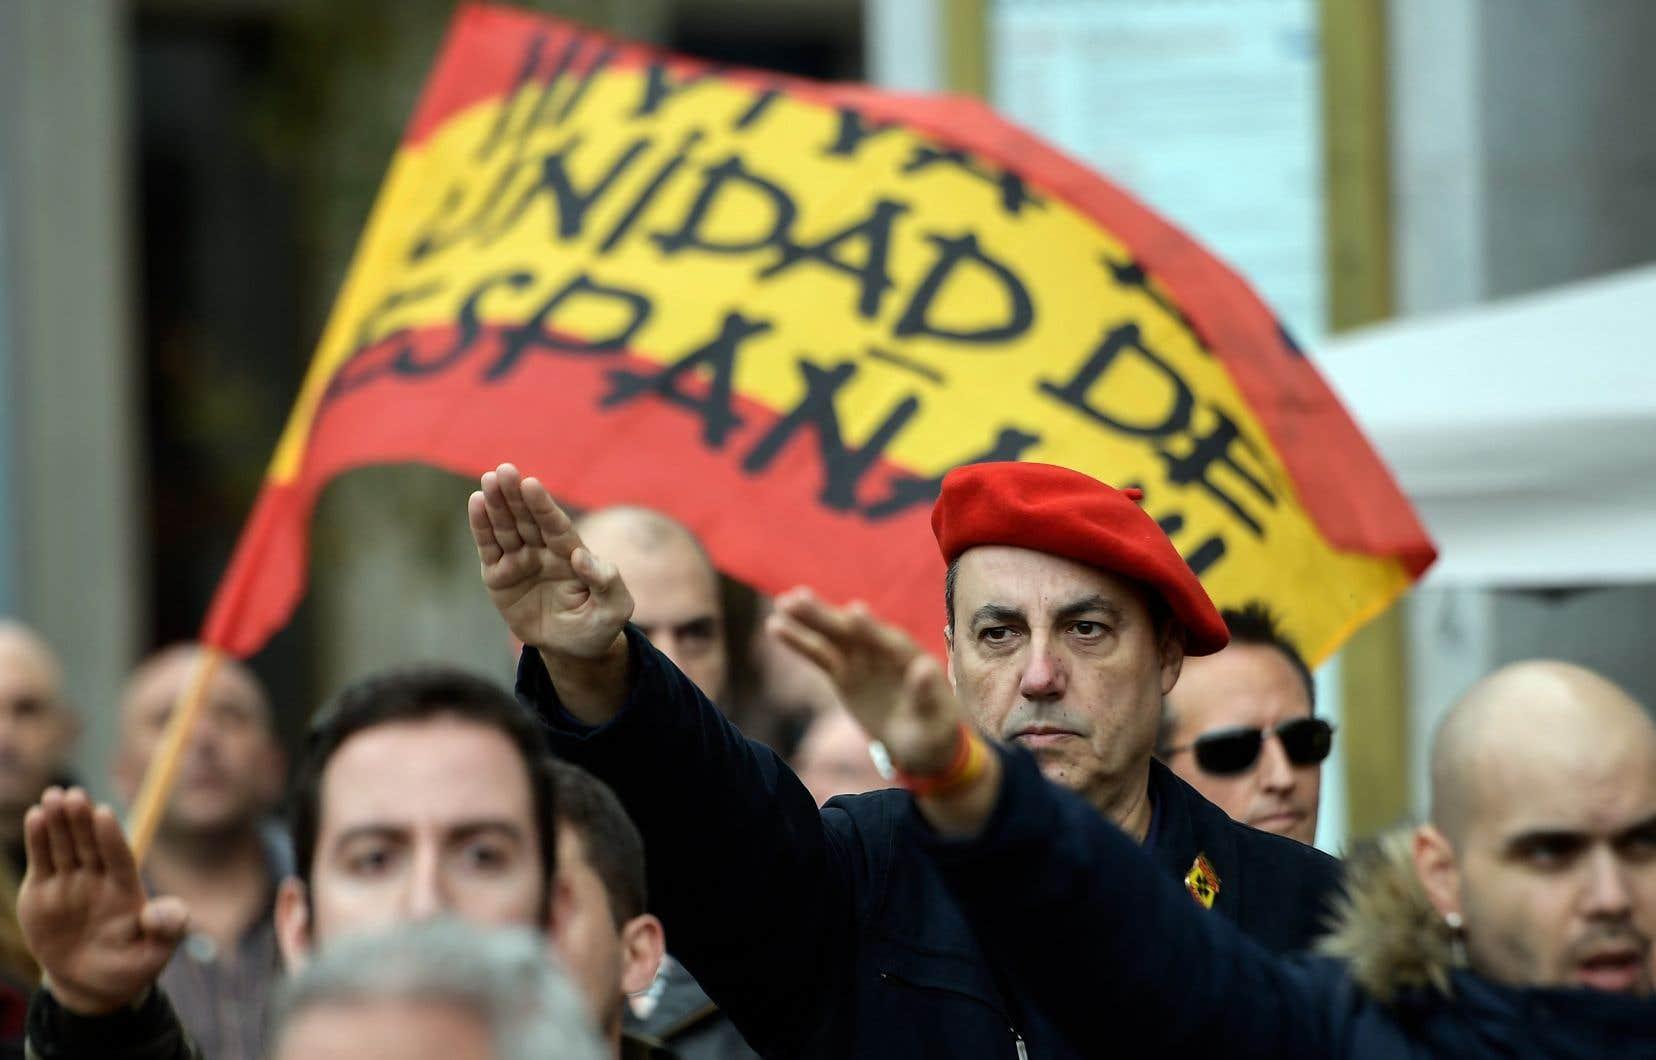 L'anniversaire de la fin de laguerre civile espagnole, remportée il y a 80 ans par le régime fasciste de Franco, révélait lundi les dissensions qui perdurent dans le pays.